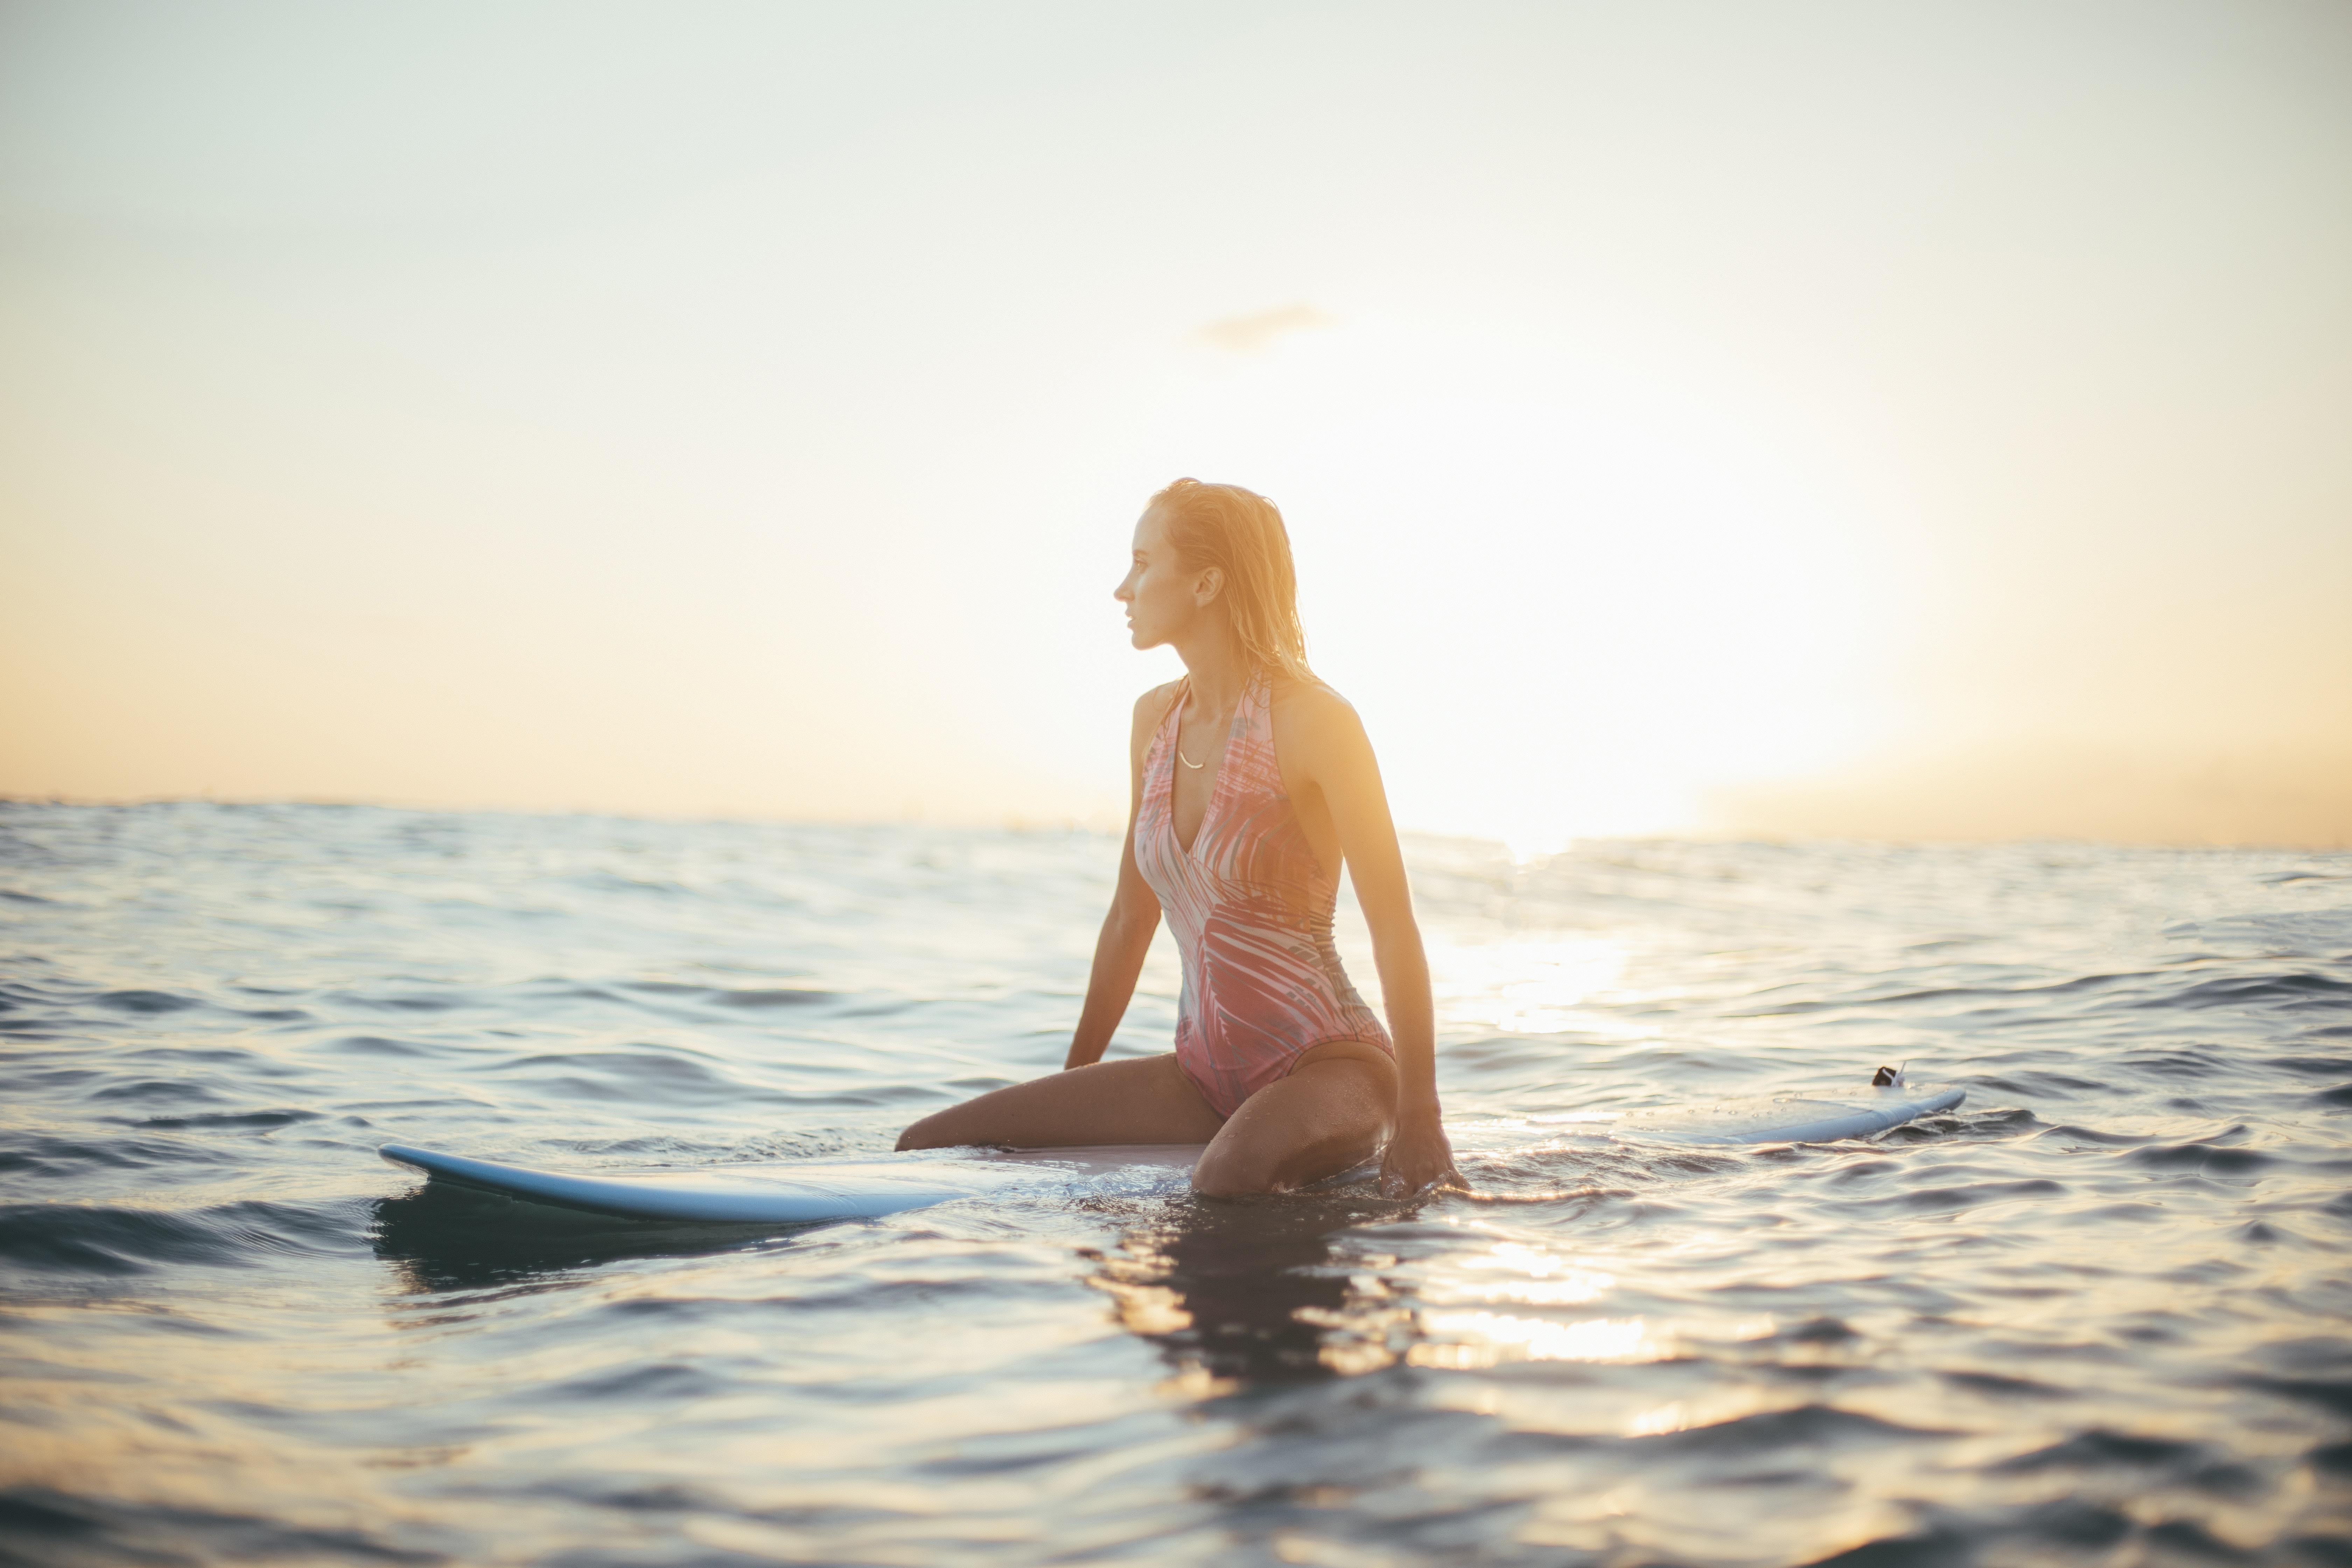 Activités sportives dans des parcs naturels (kayak, parapente, surf, randonnées etc...)